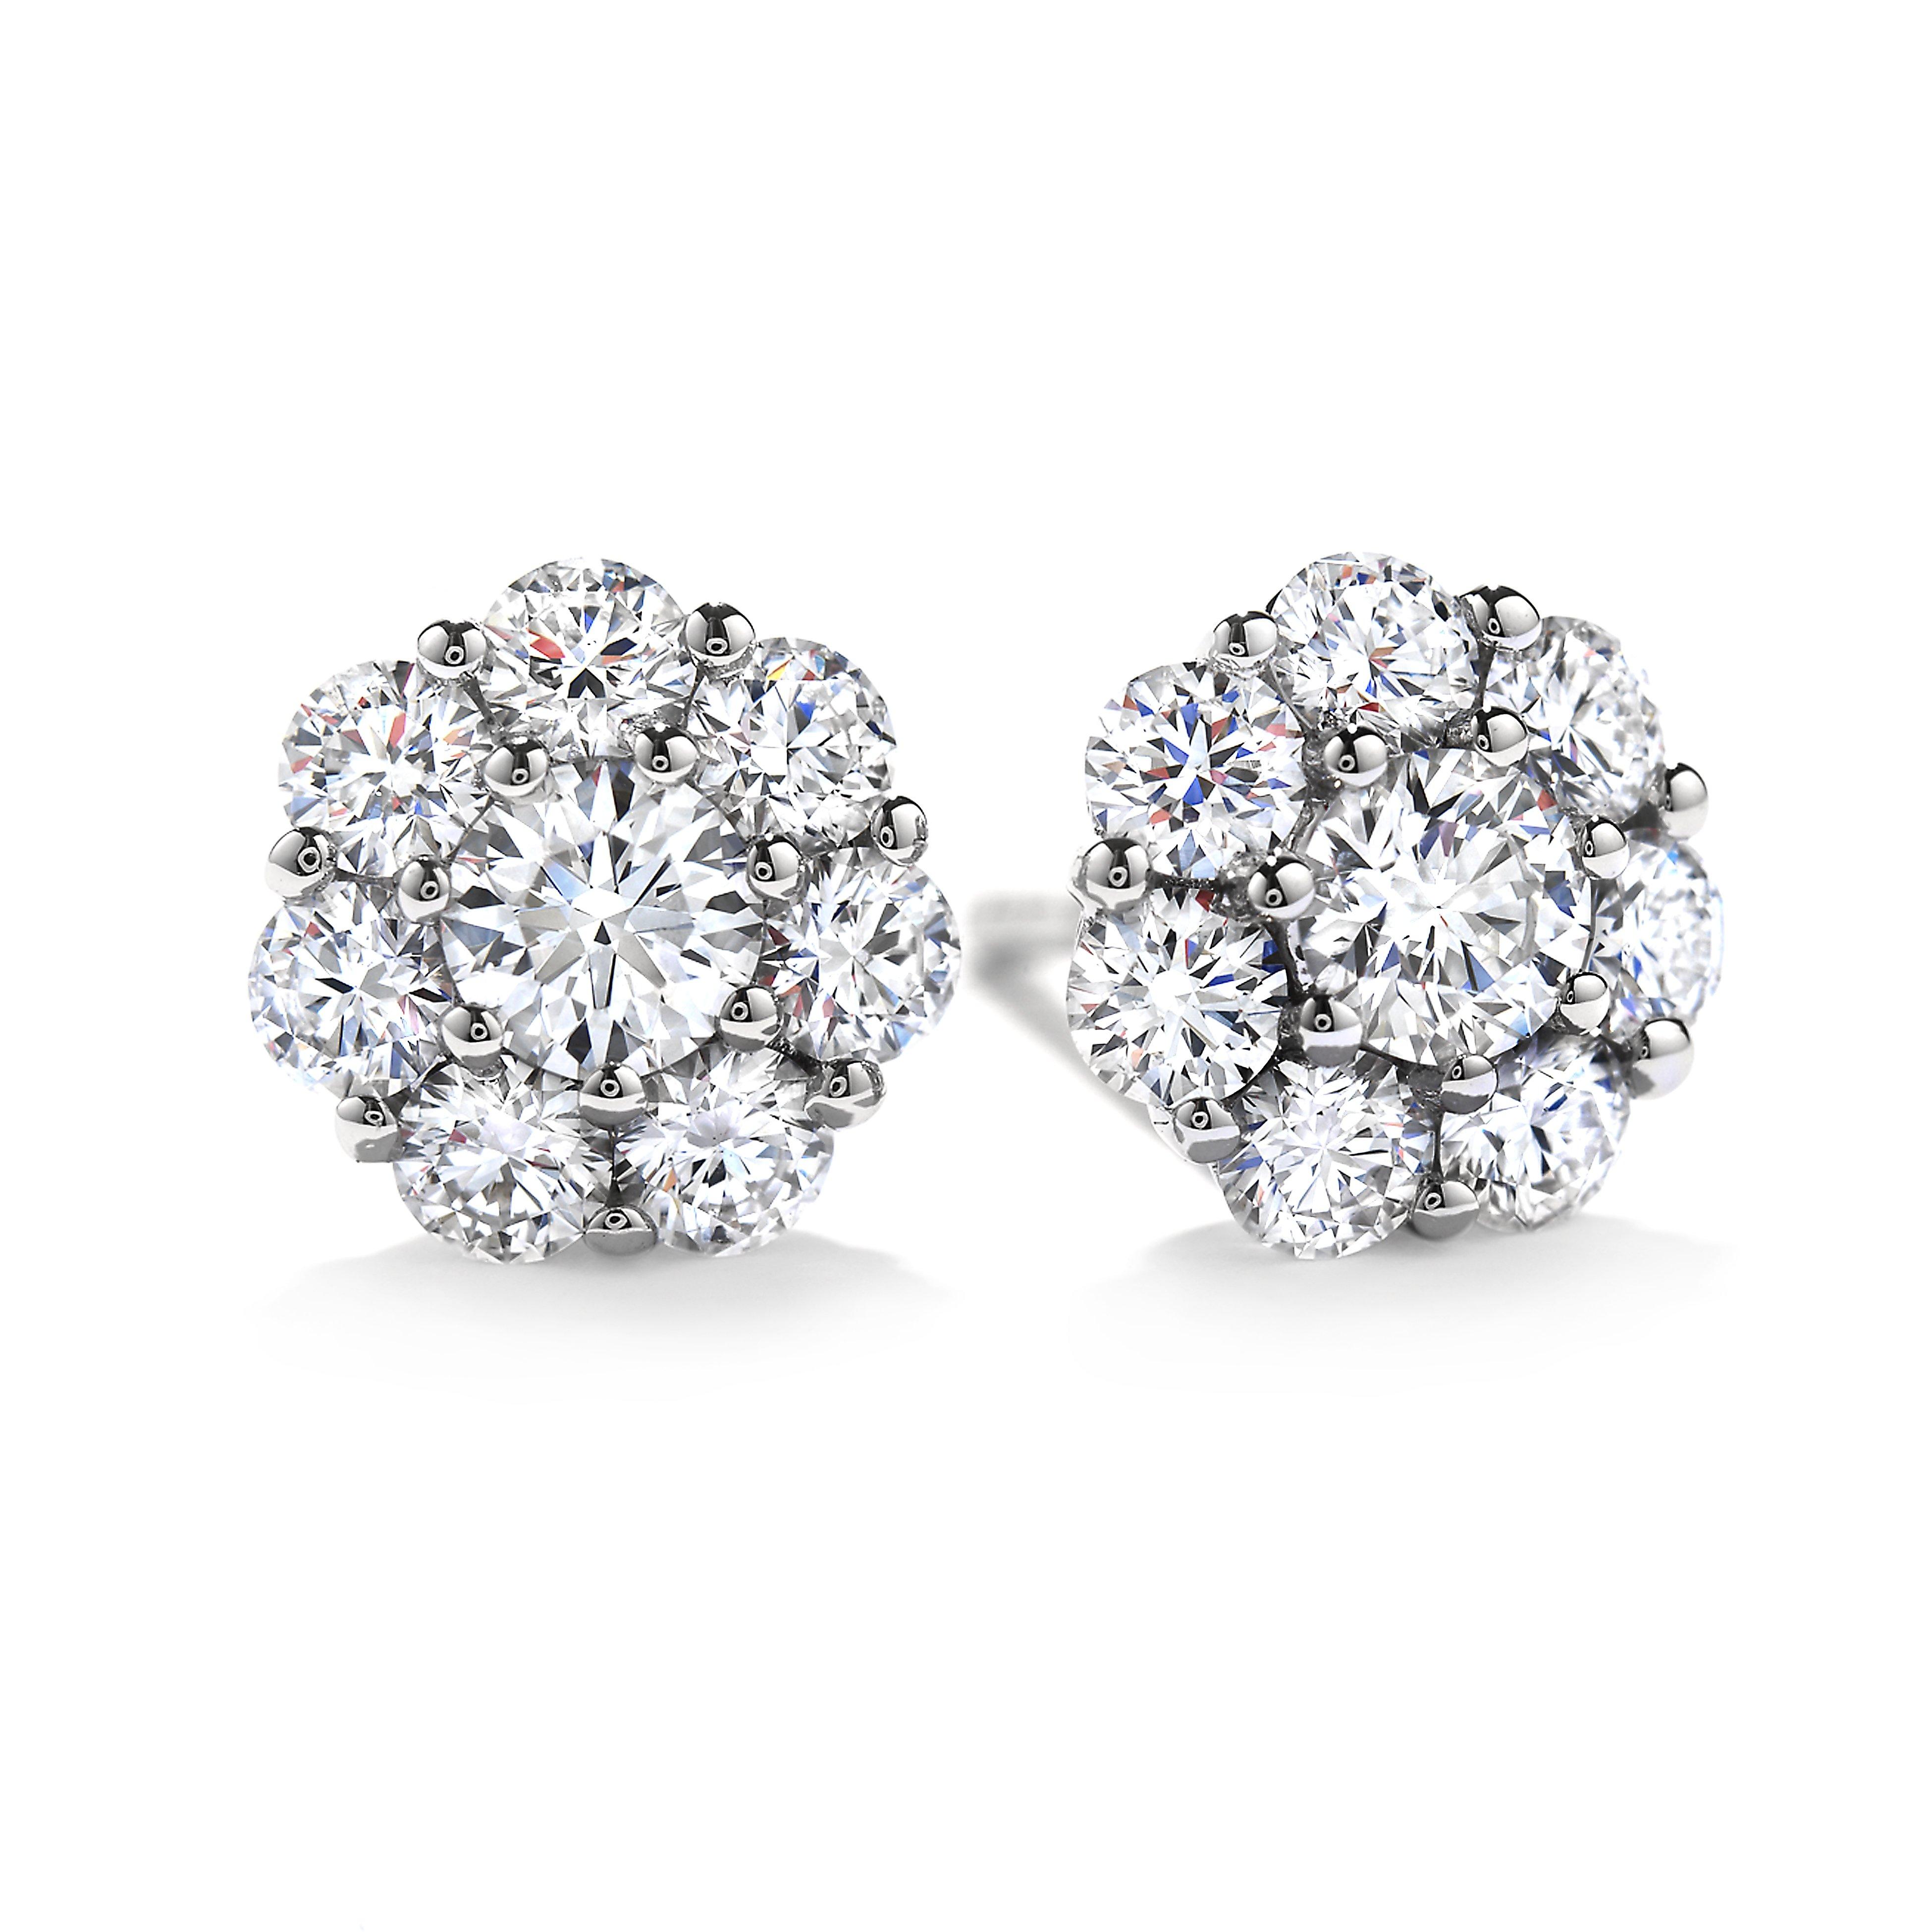 4962b0f40 Hearts On Fire 18K - White Gold Diamond Earrings Beloved Stud ...